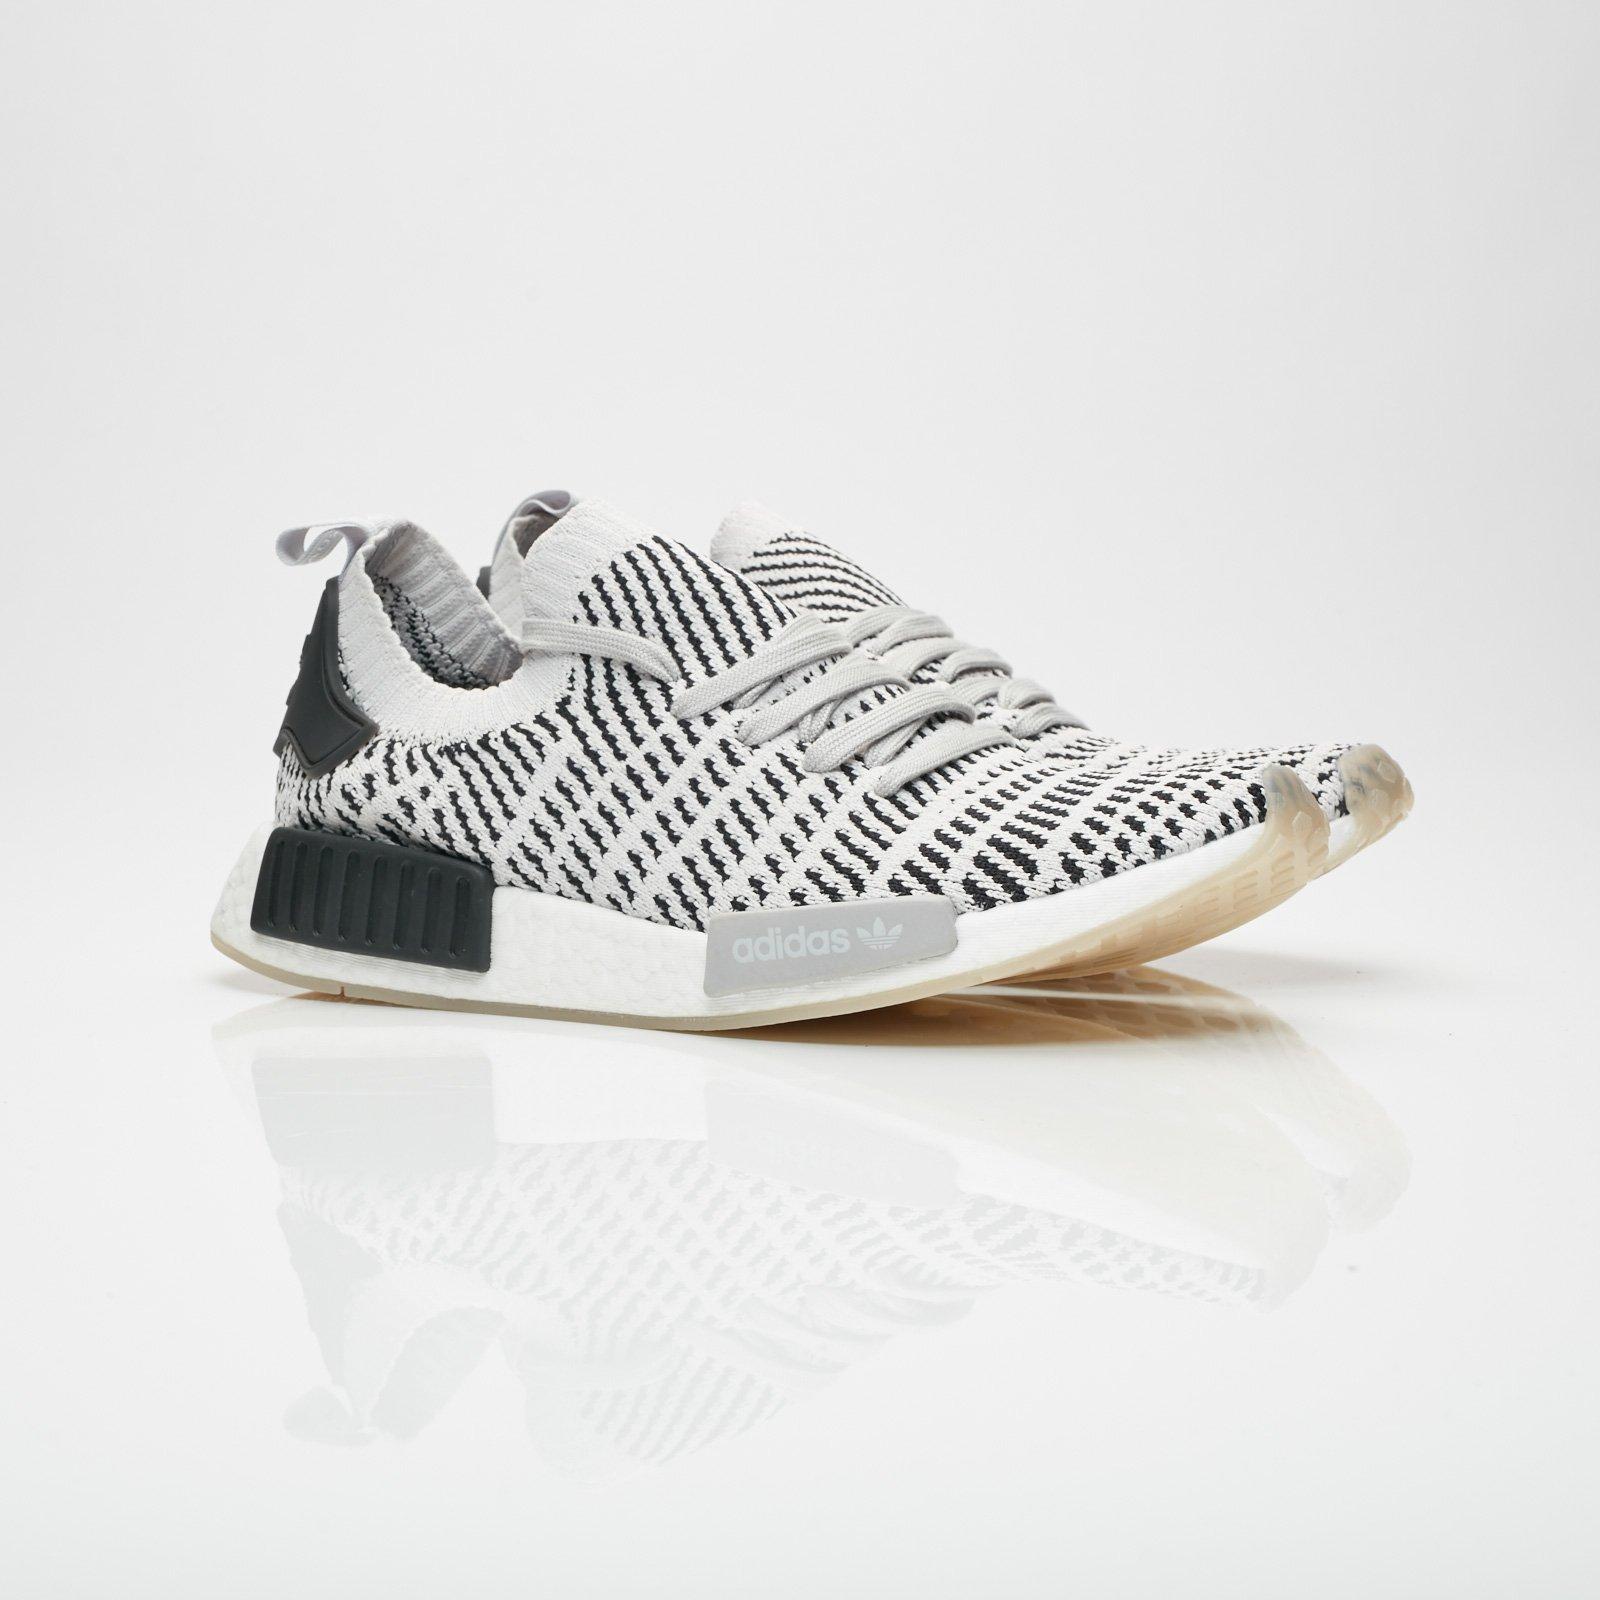 ec45be1b8a585 adidas NMD R1 STLT Primeknit - Cq2387 - Sneakersnstuff